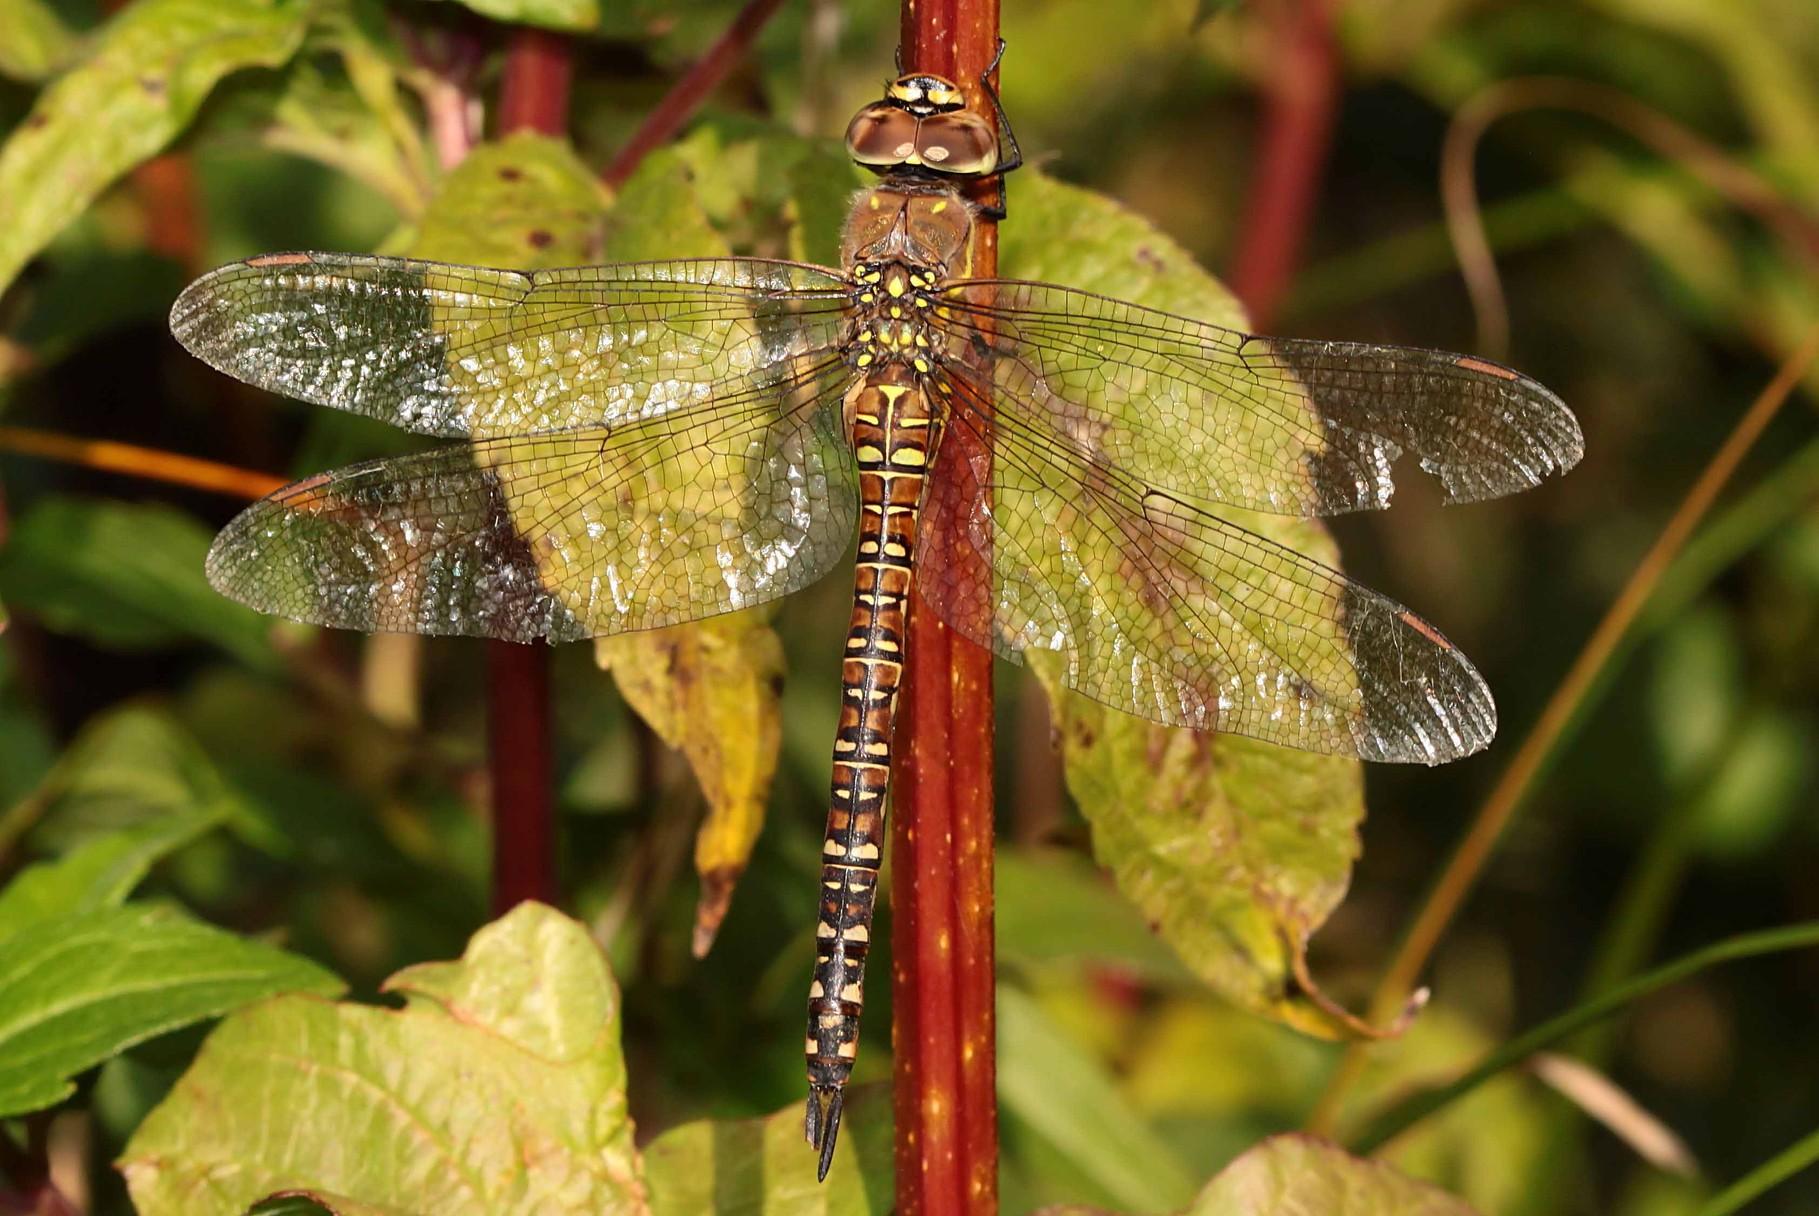 Herbst-Mosaikjungfer, Aeshna mixta, Weibchen.